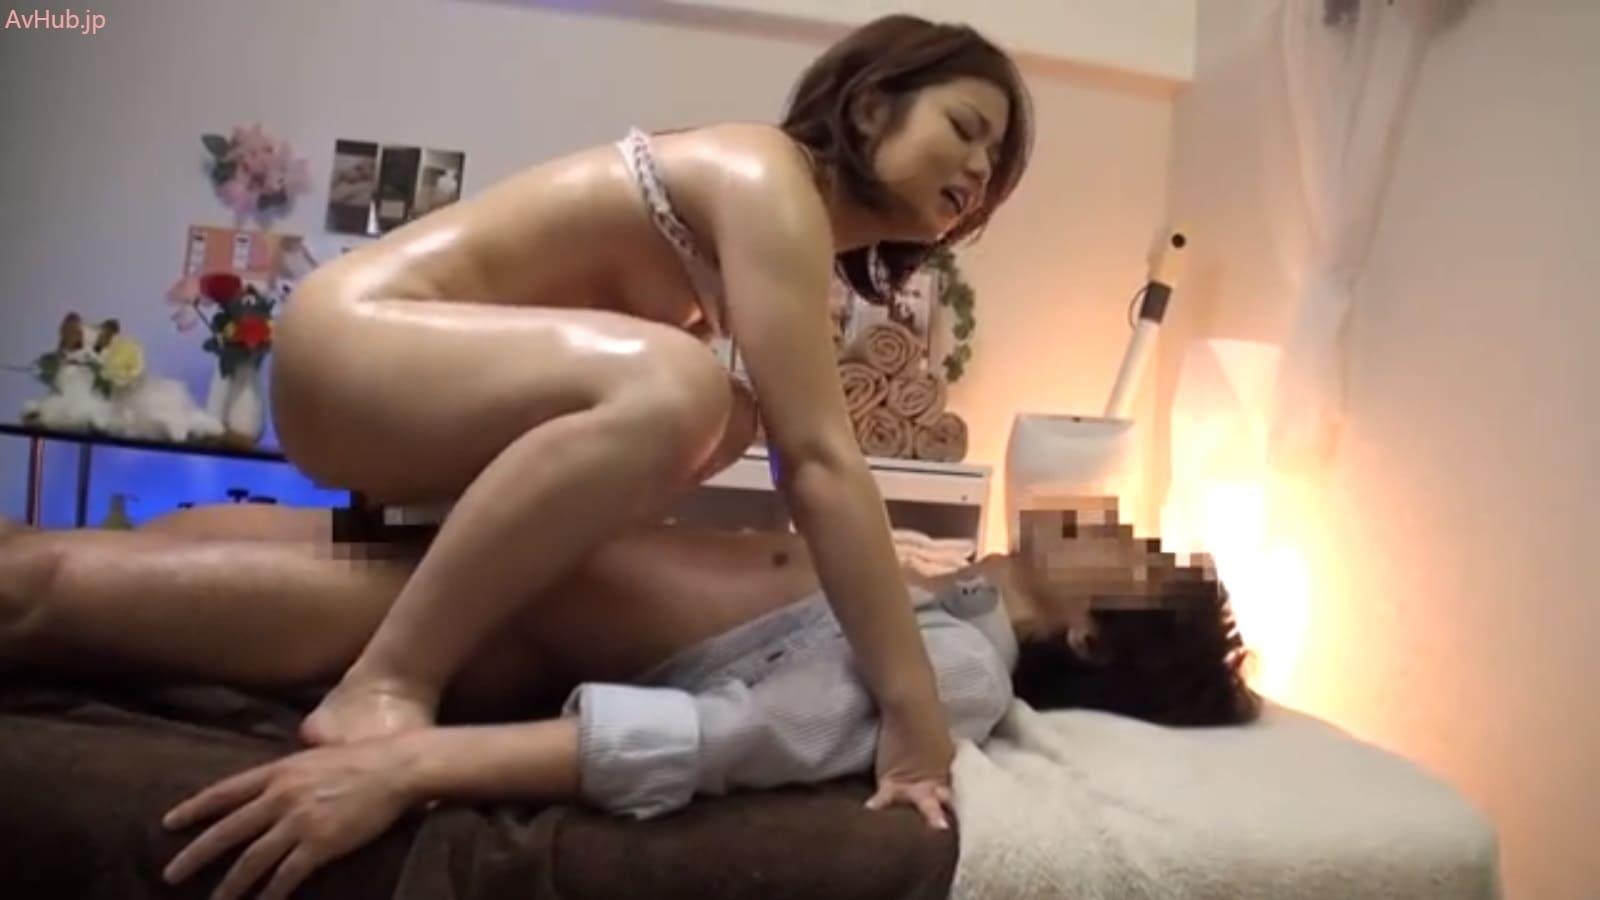 生チン挿入で膣壁を擦り上げられ子宮直撃のザーメンエキスを投与